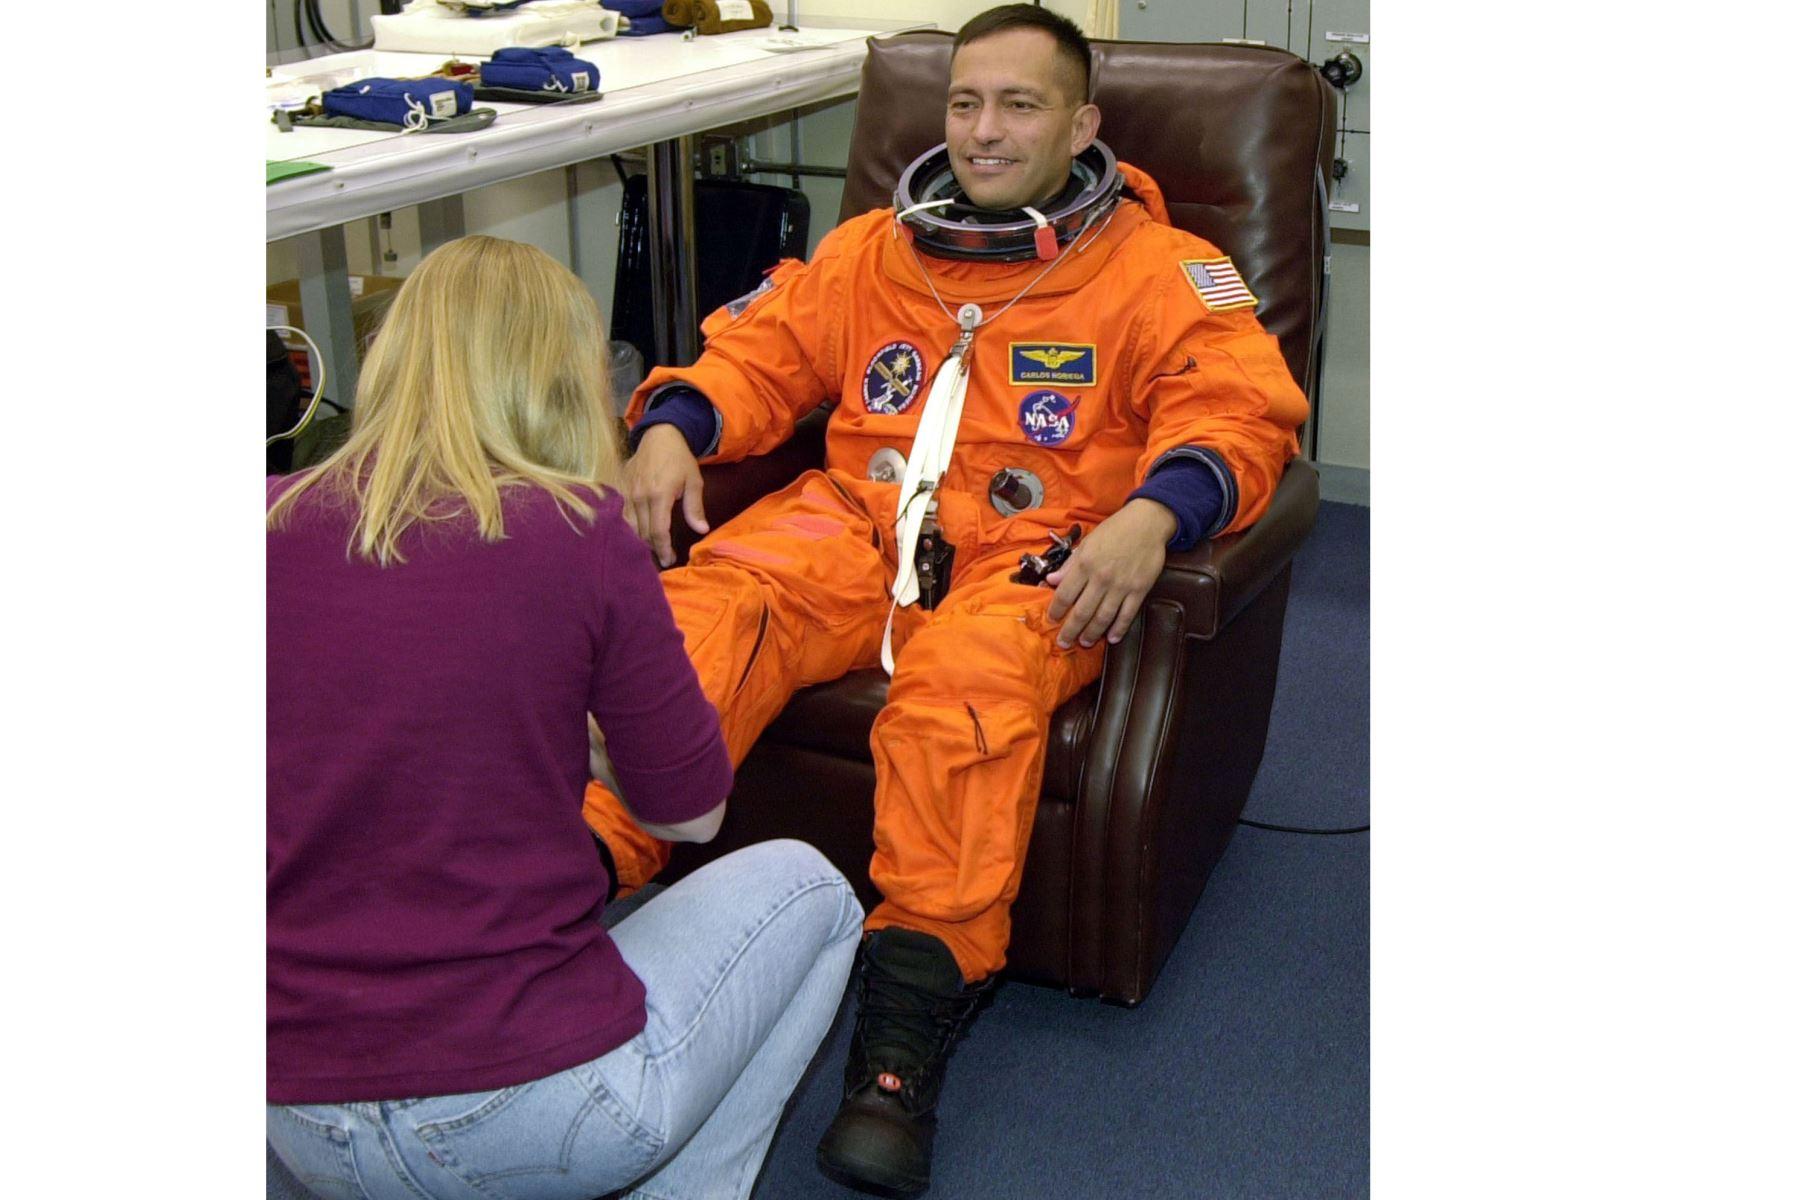 Carlos Noriega, especialista en misiones del transbordador espacial estadounidense, recibe ayuda con sus botas, el 28 de noviembre de 2000, en el Centro Espacial Kennedy, Florida.Foto: AFP